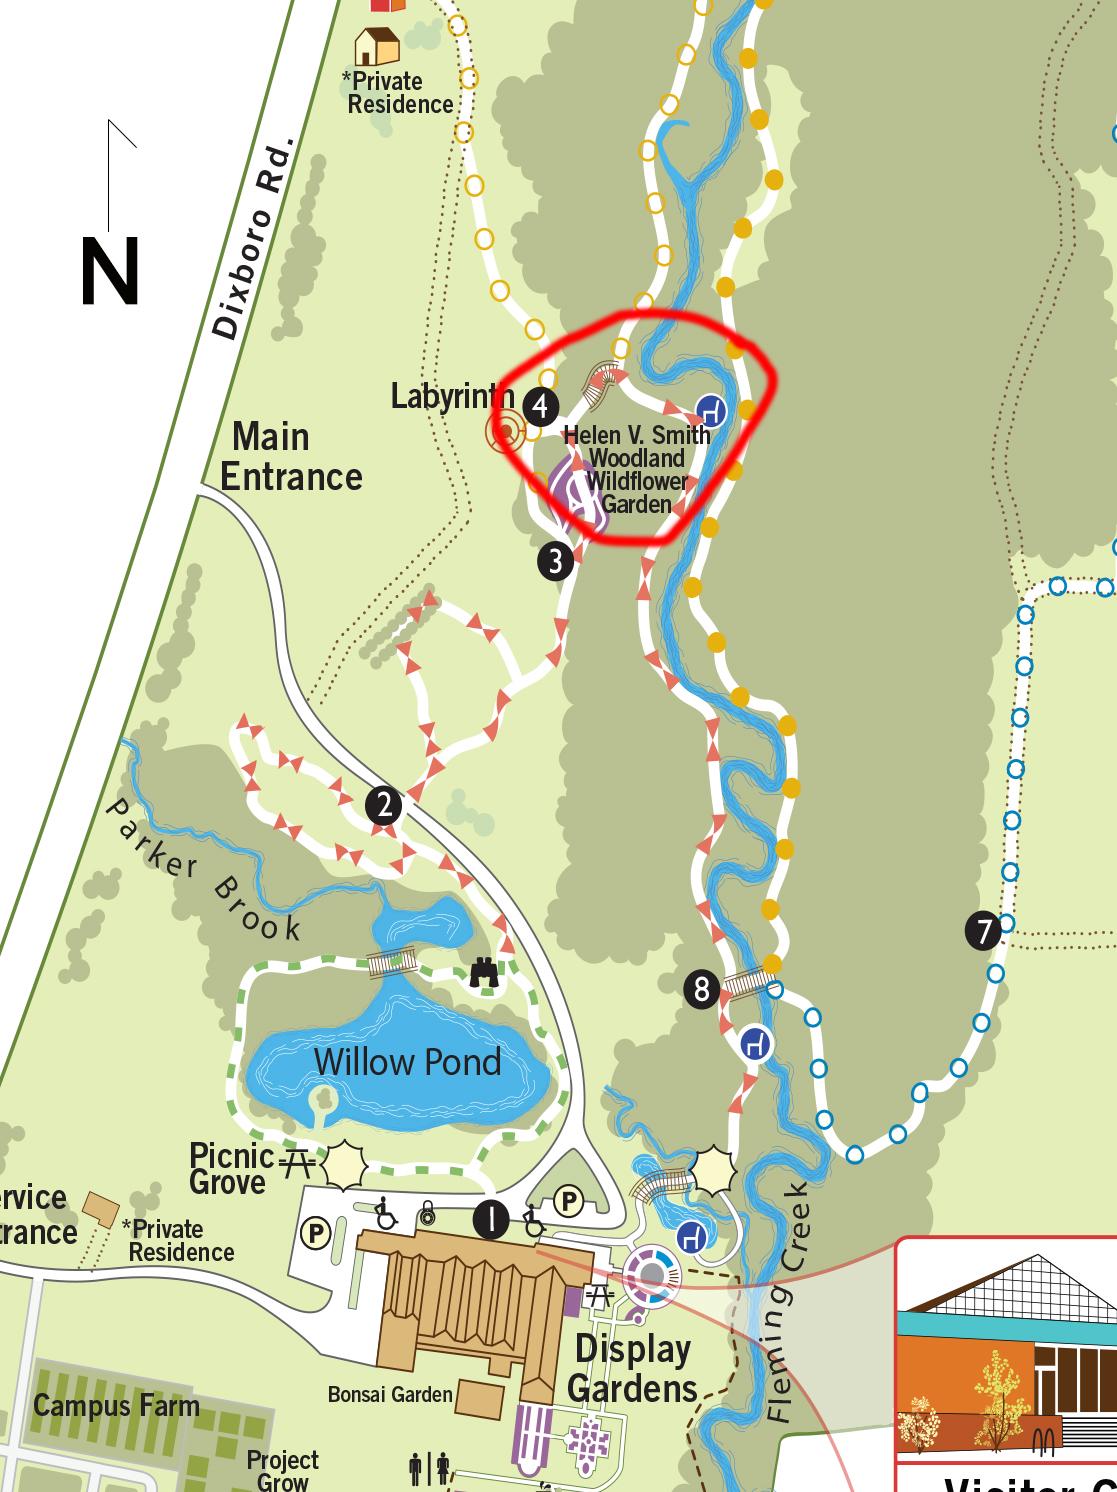 Matthaei-map-showing HVS garden